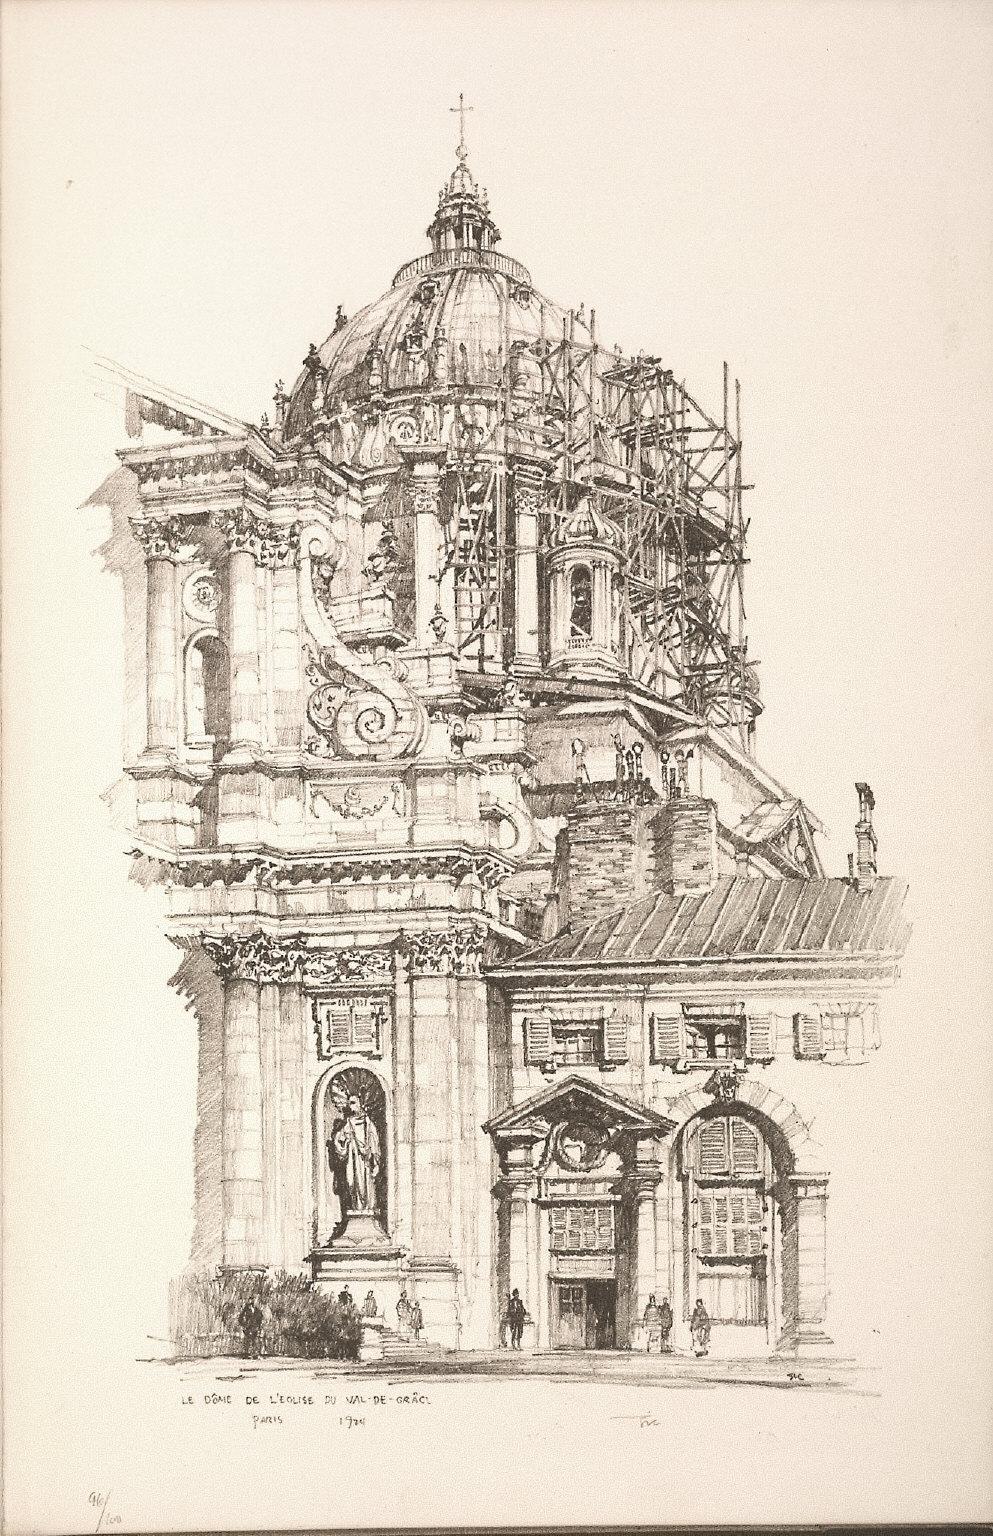 Twenty Lithographs of Old Paris: Le Dome de l'Église du Val de Grâce, Paris